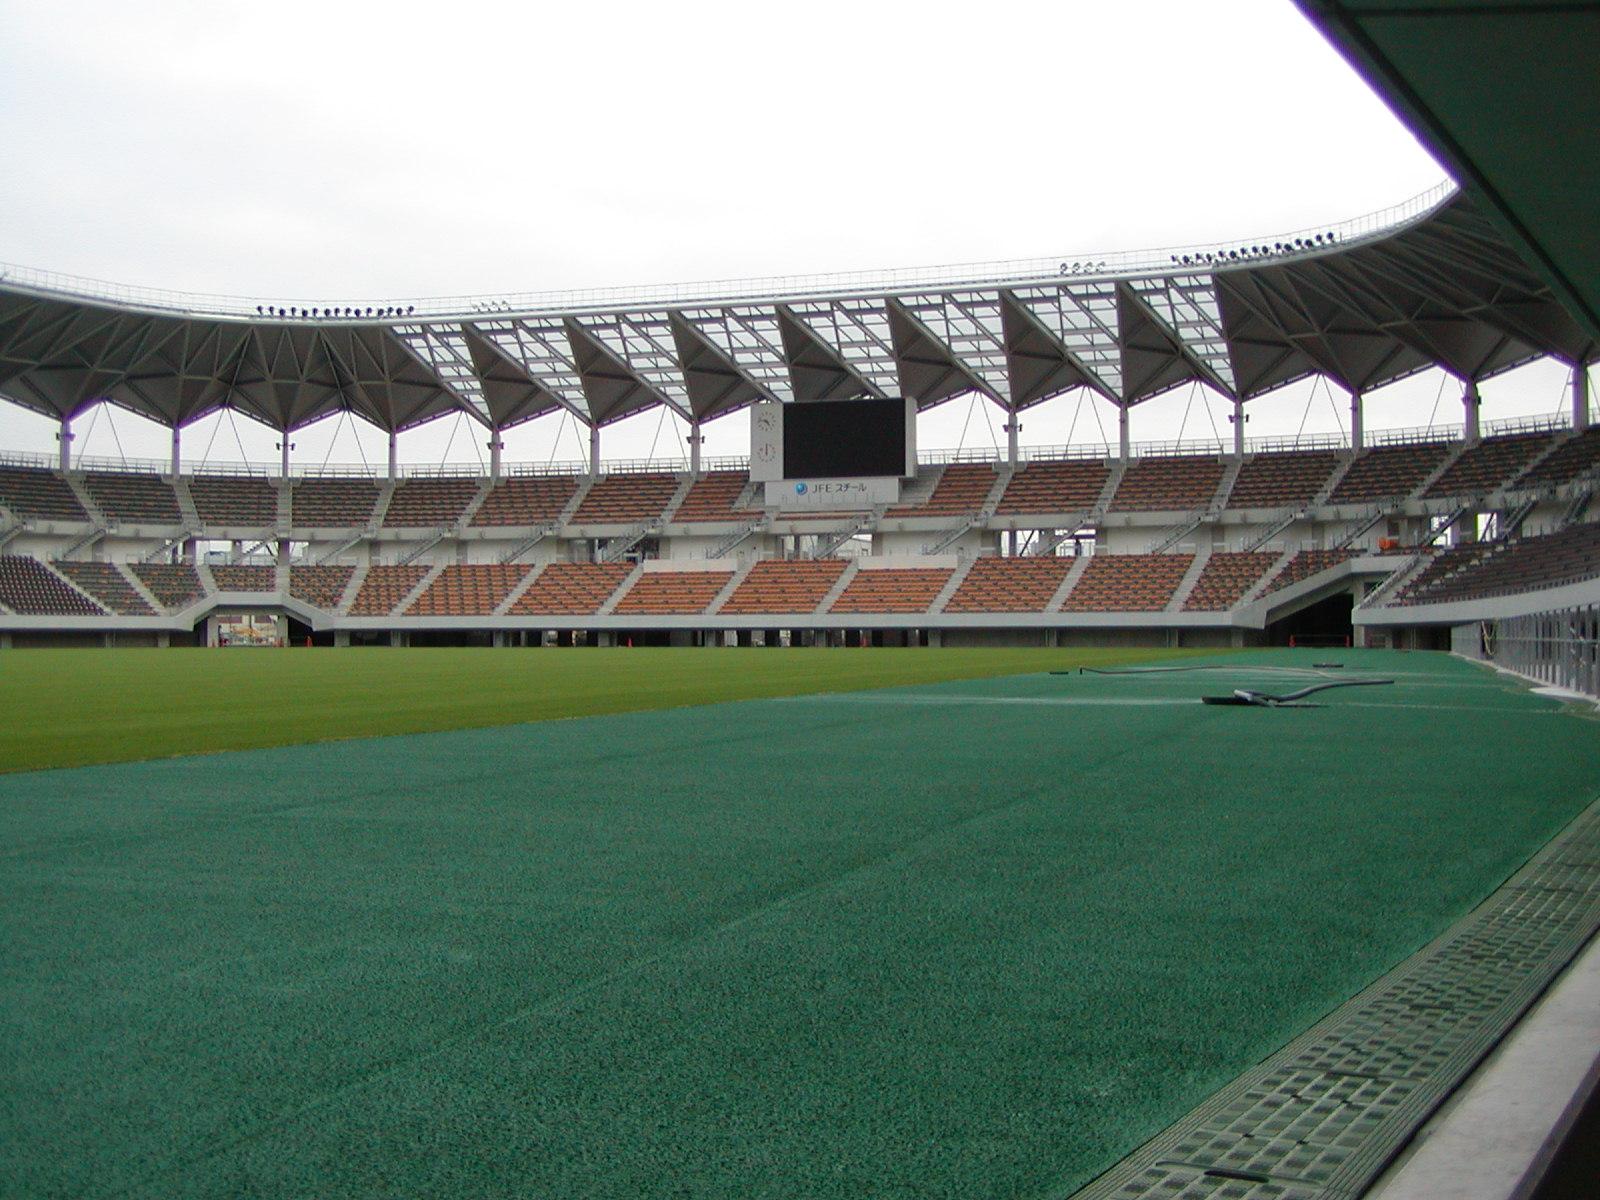 千葉市スポーツ競技場(フクダ電子アリーナ)